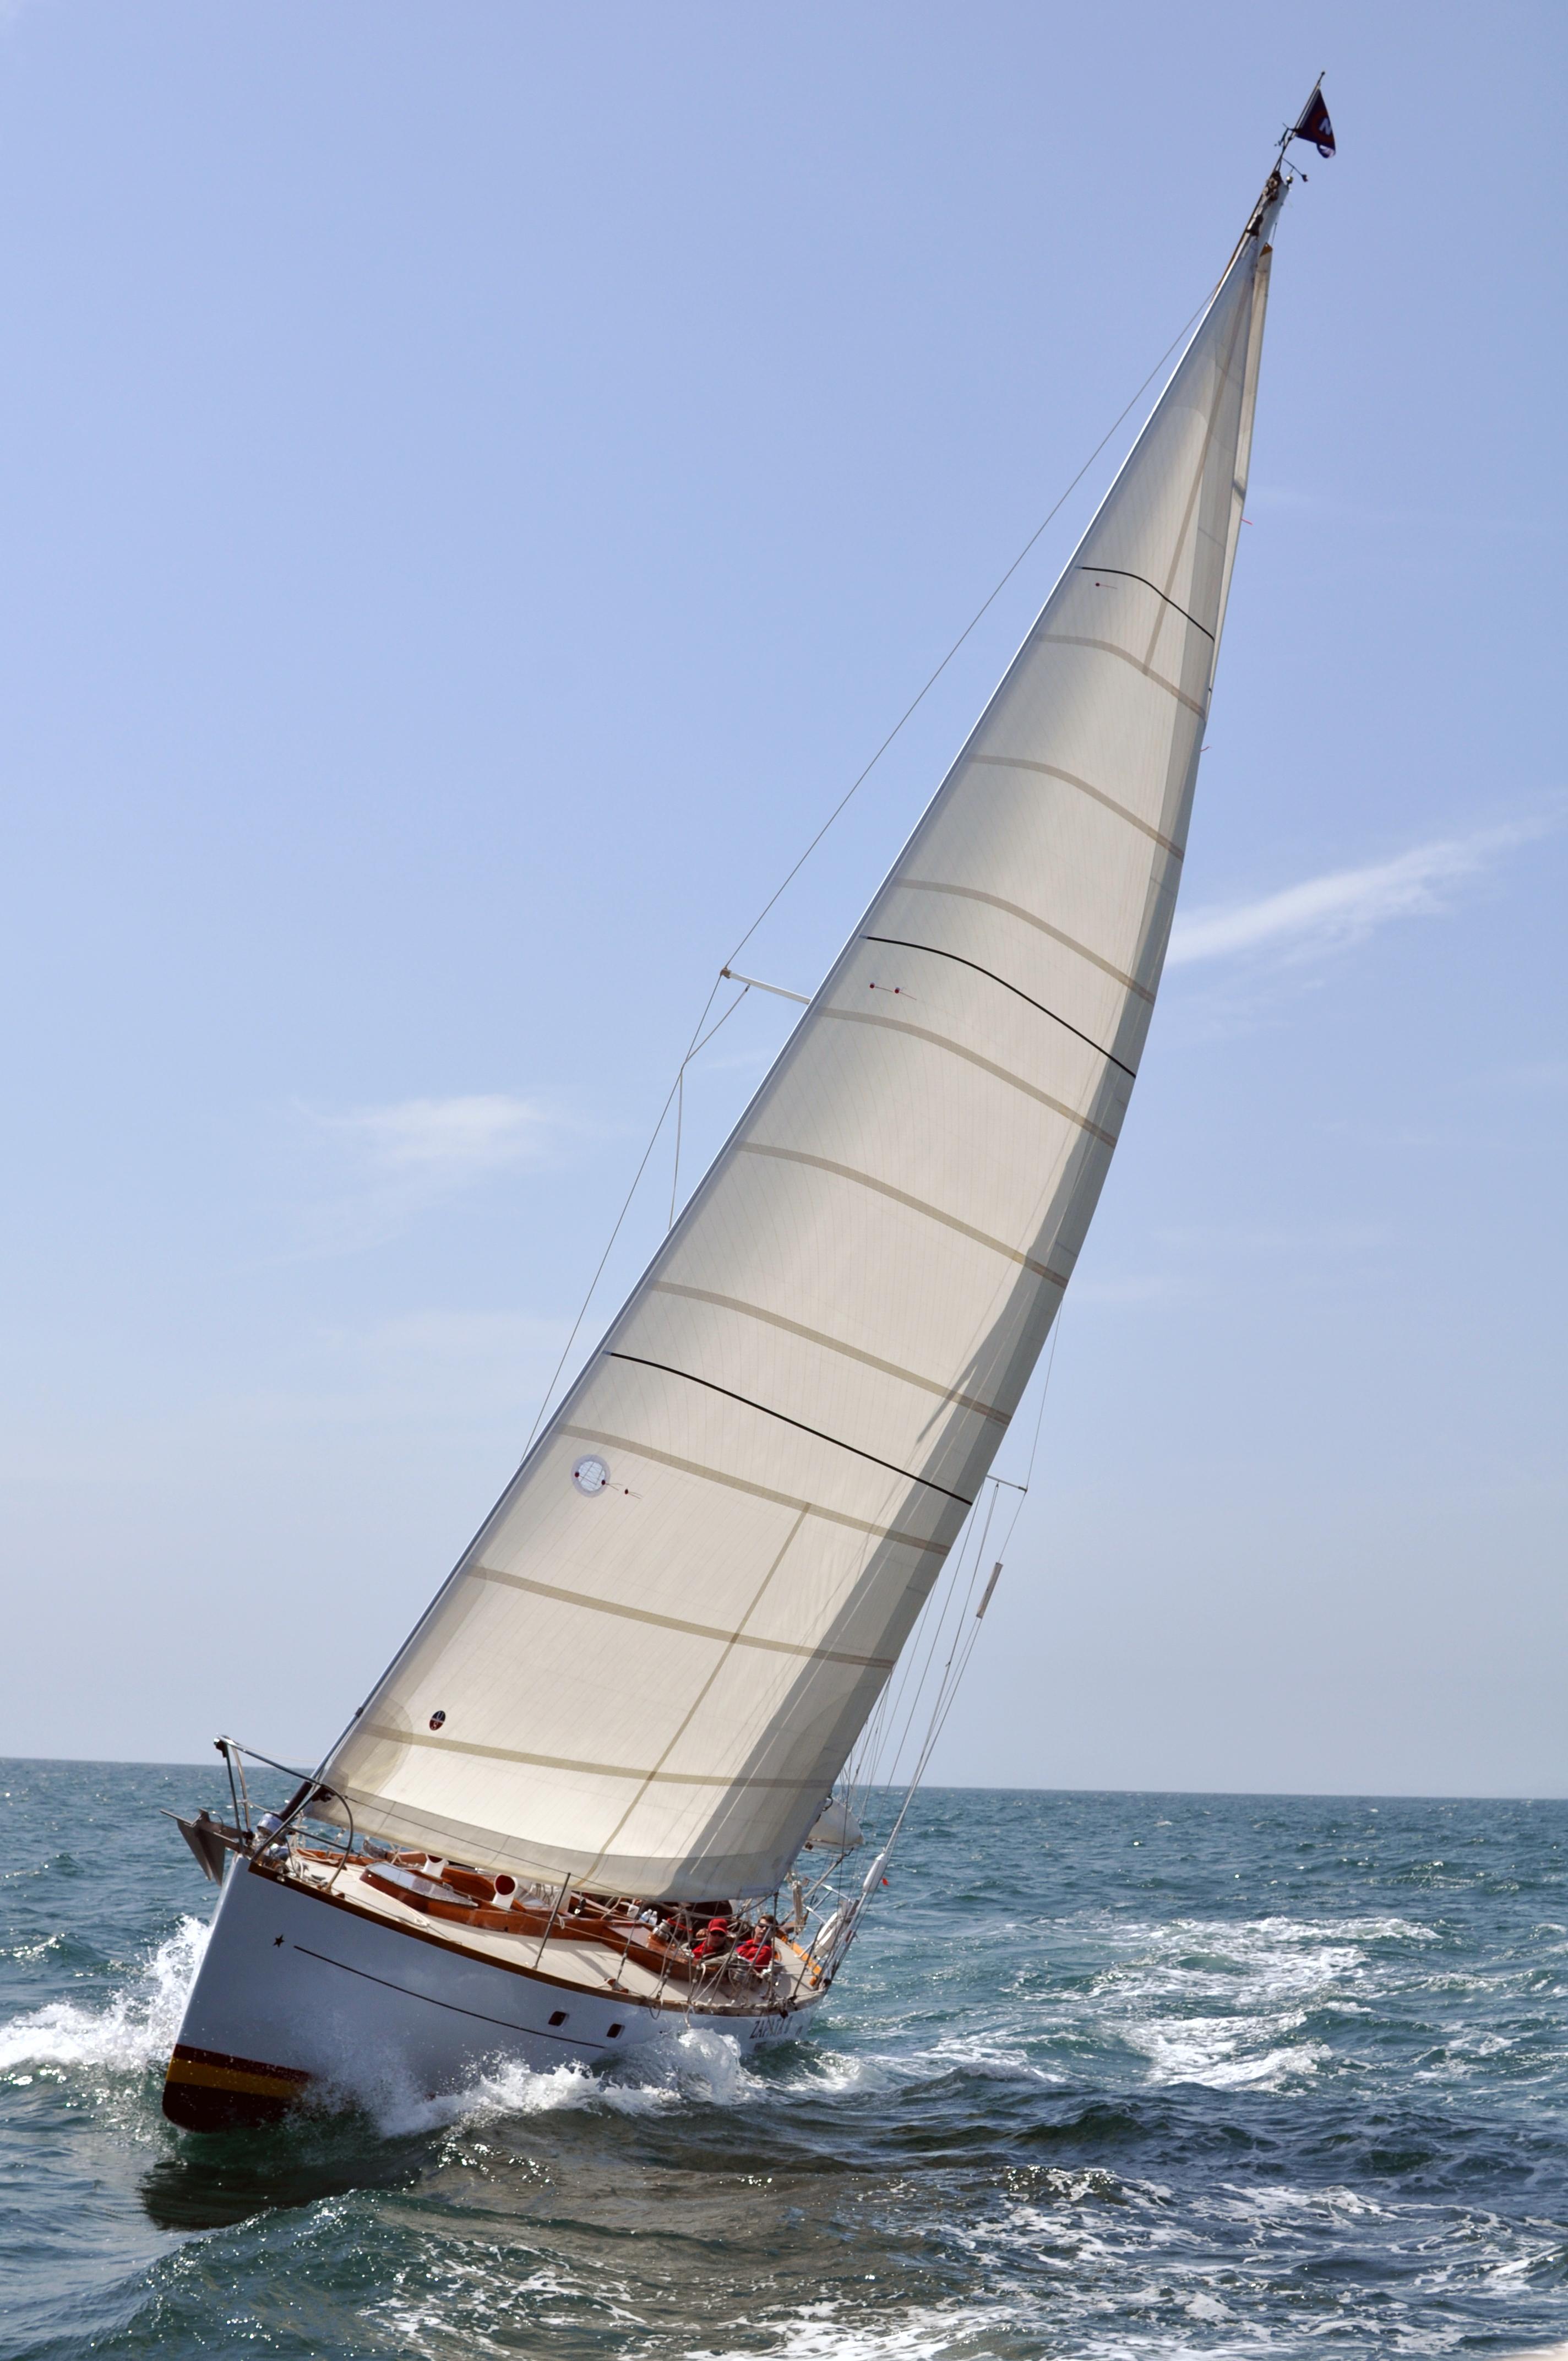 Sailing yacht - Wikipedia